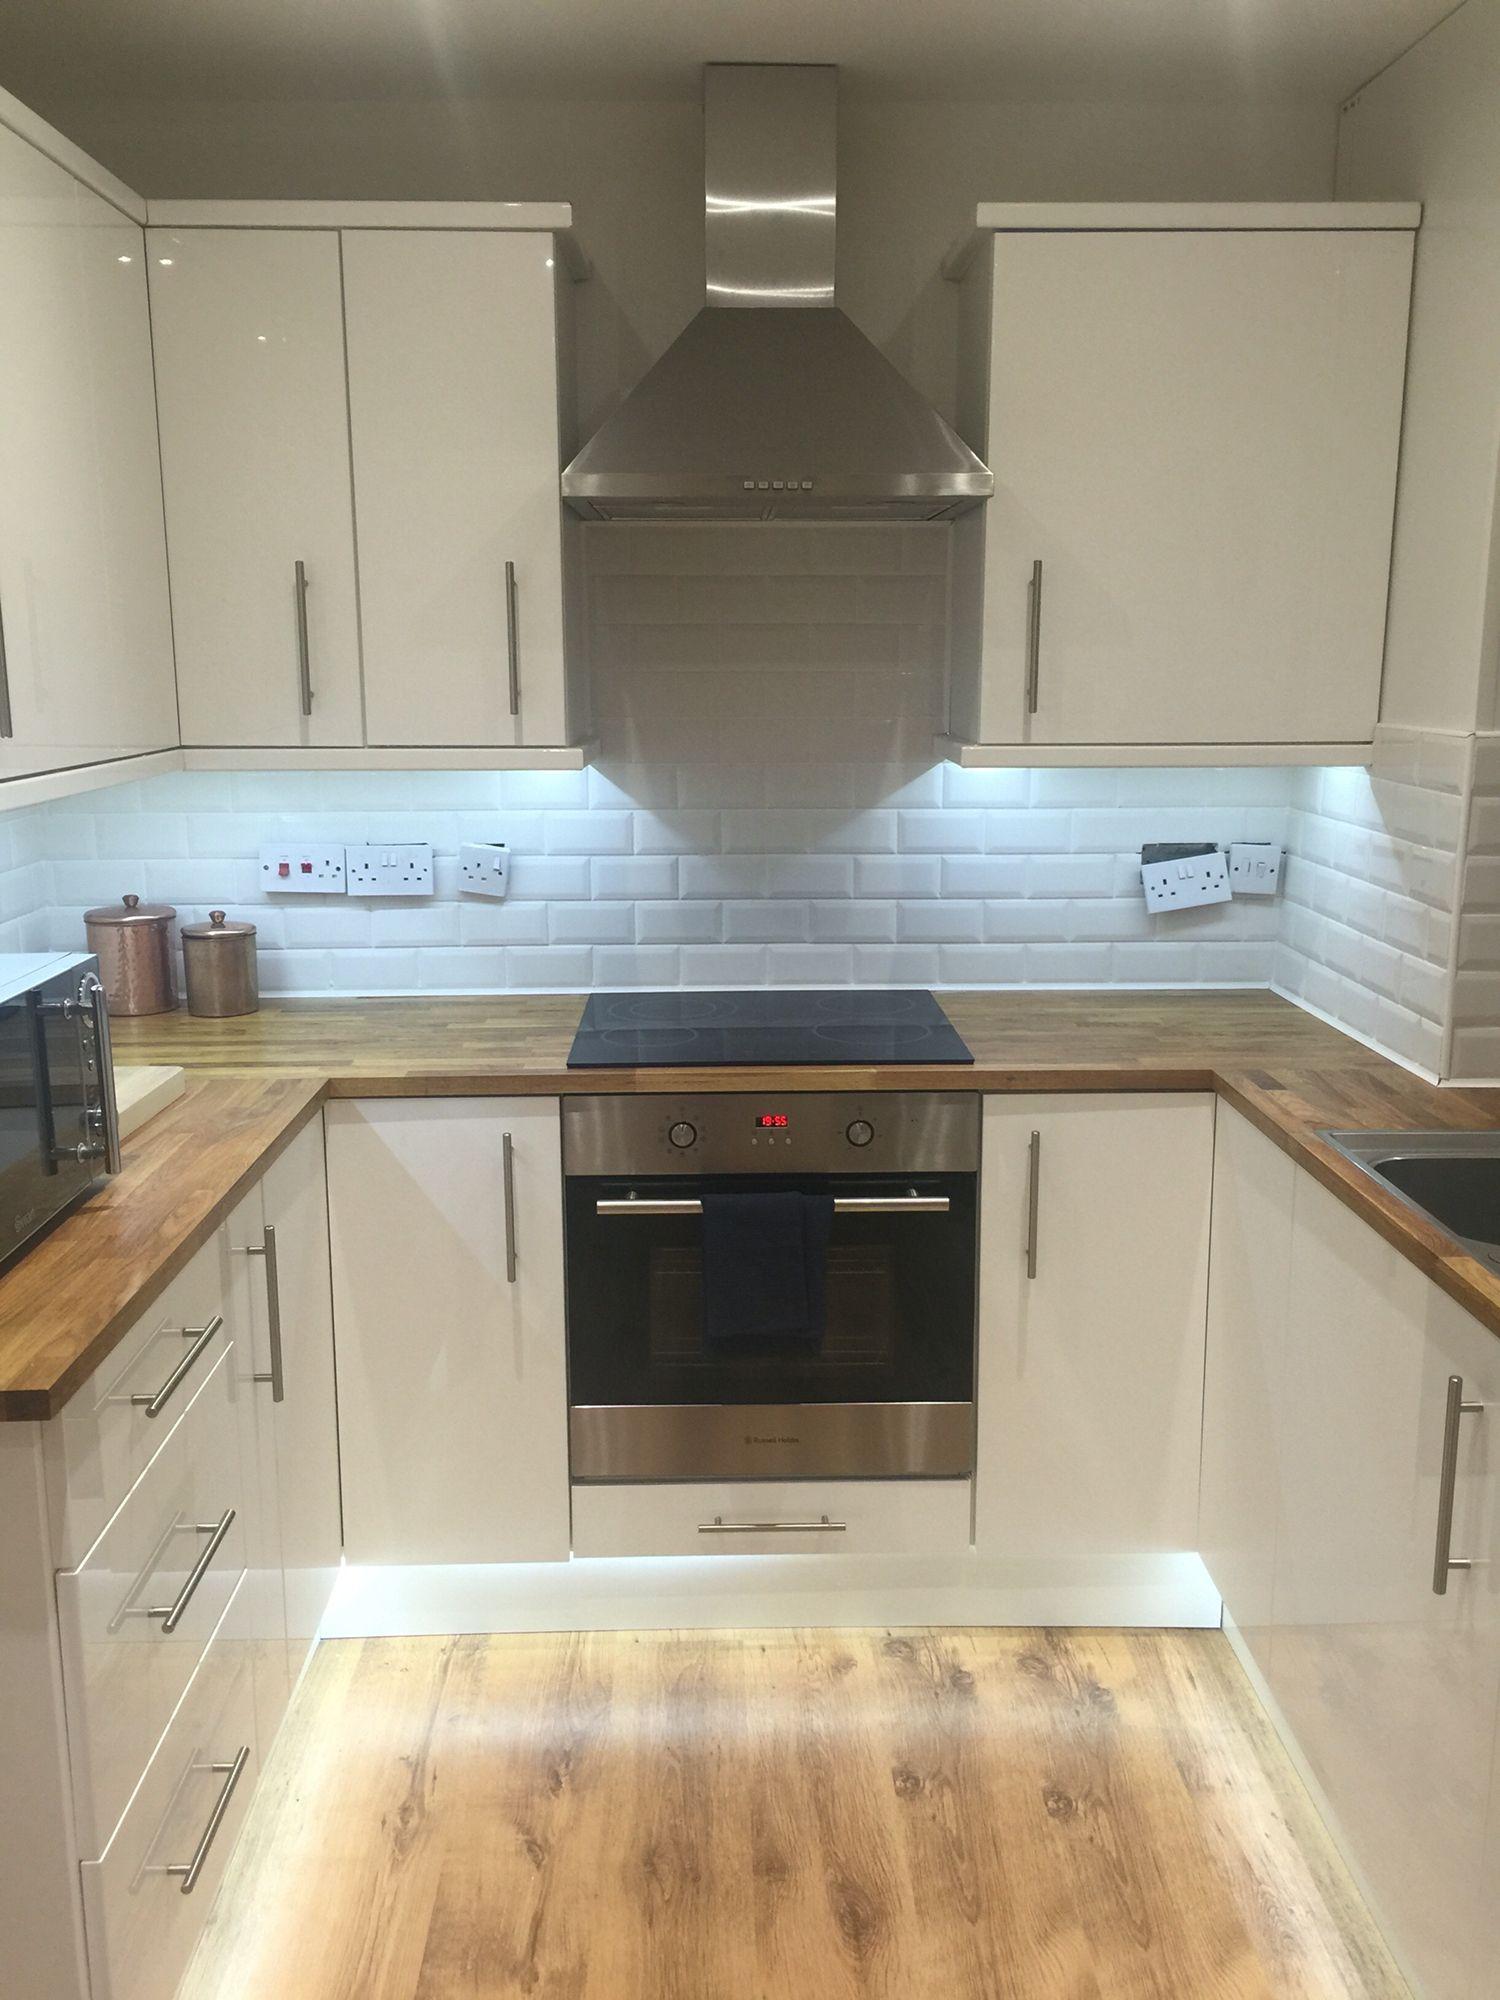 B&Q small kitchen, white, gloss, wooden, subway tiles